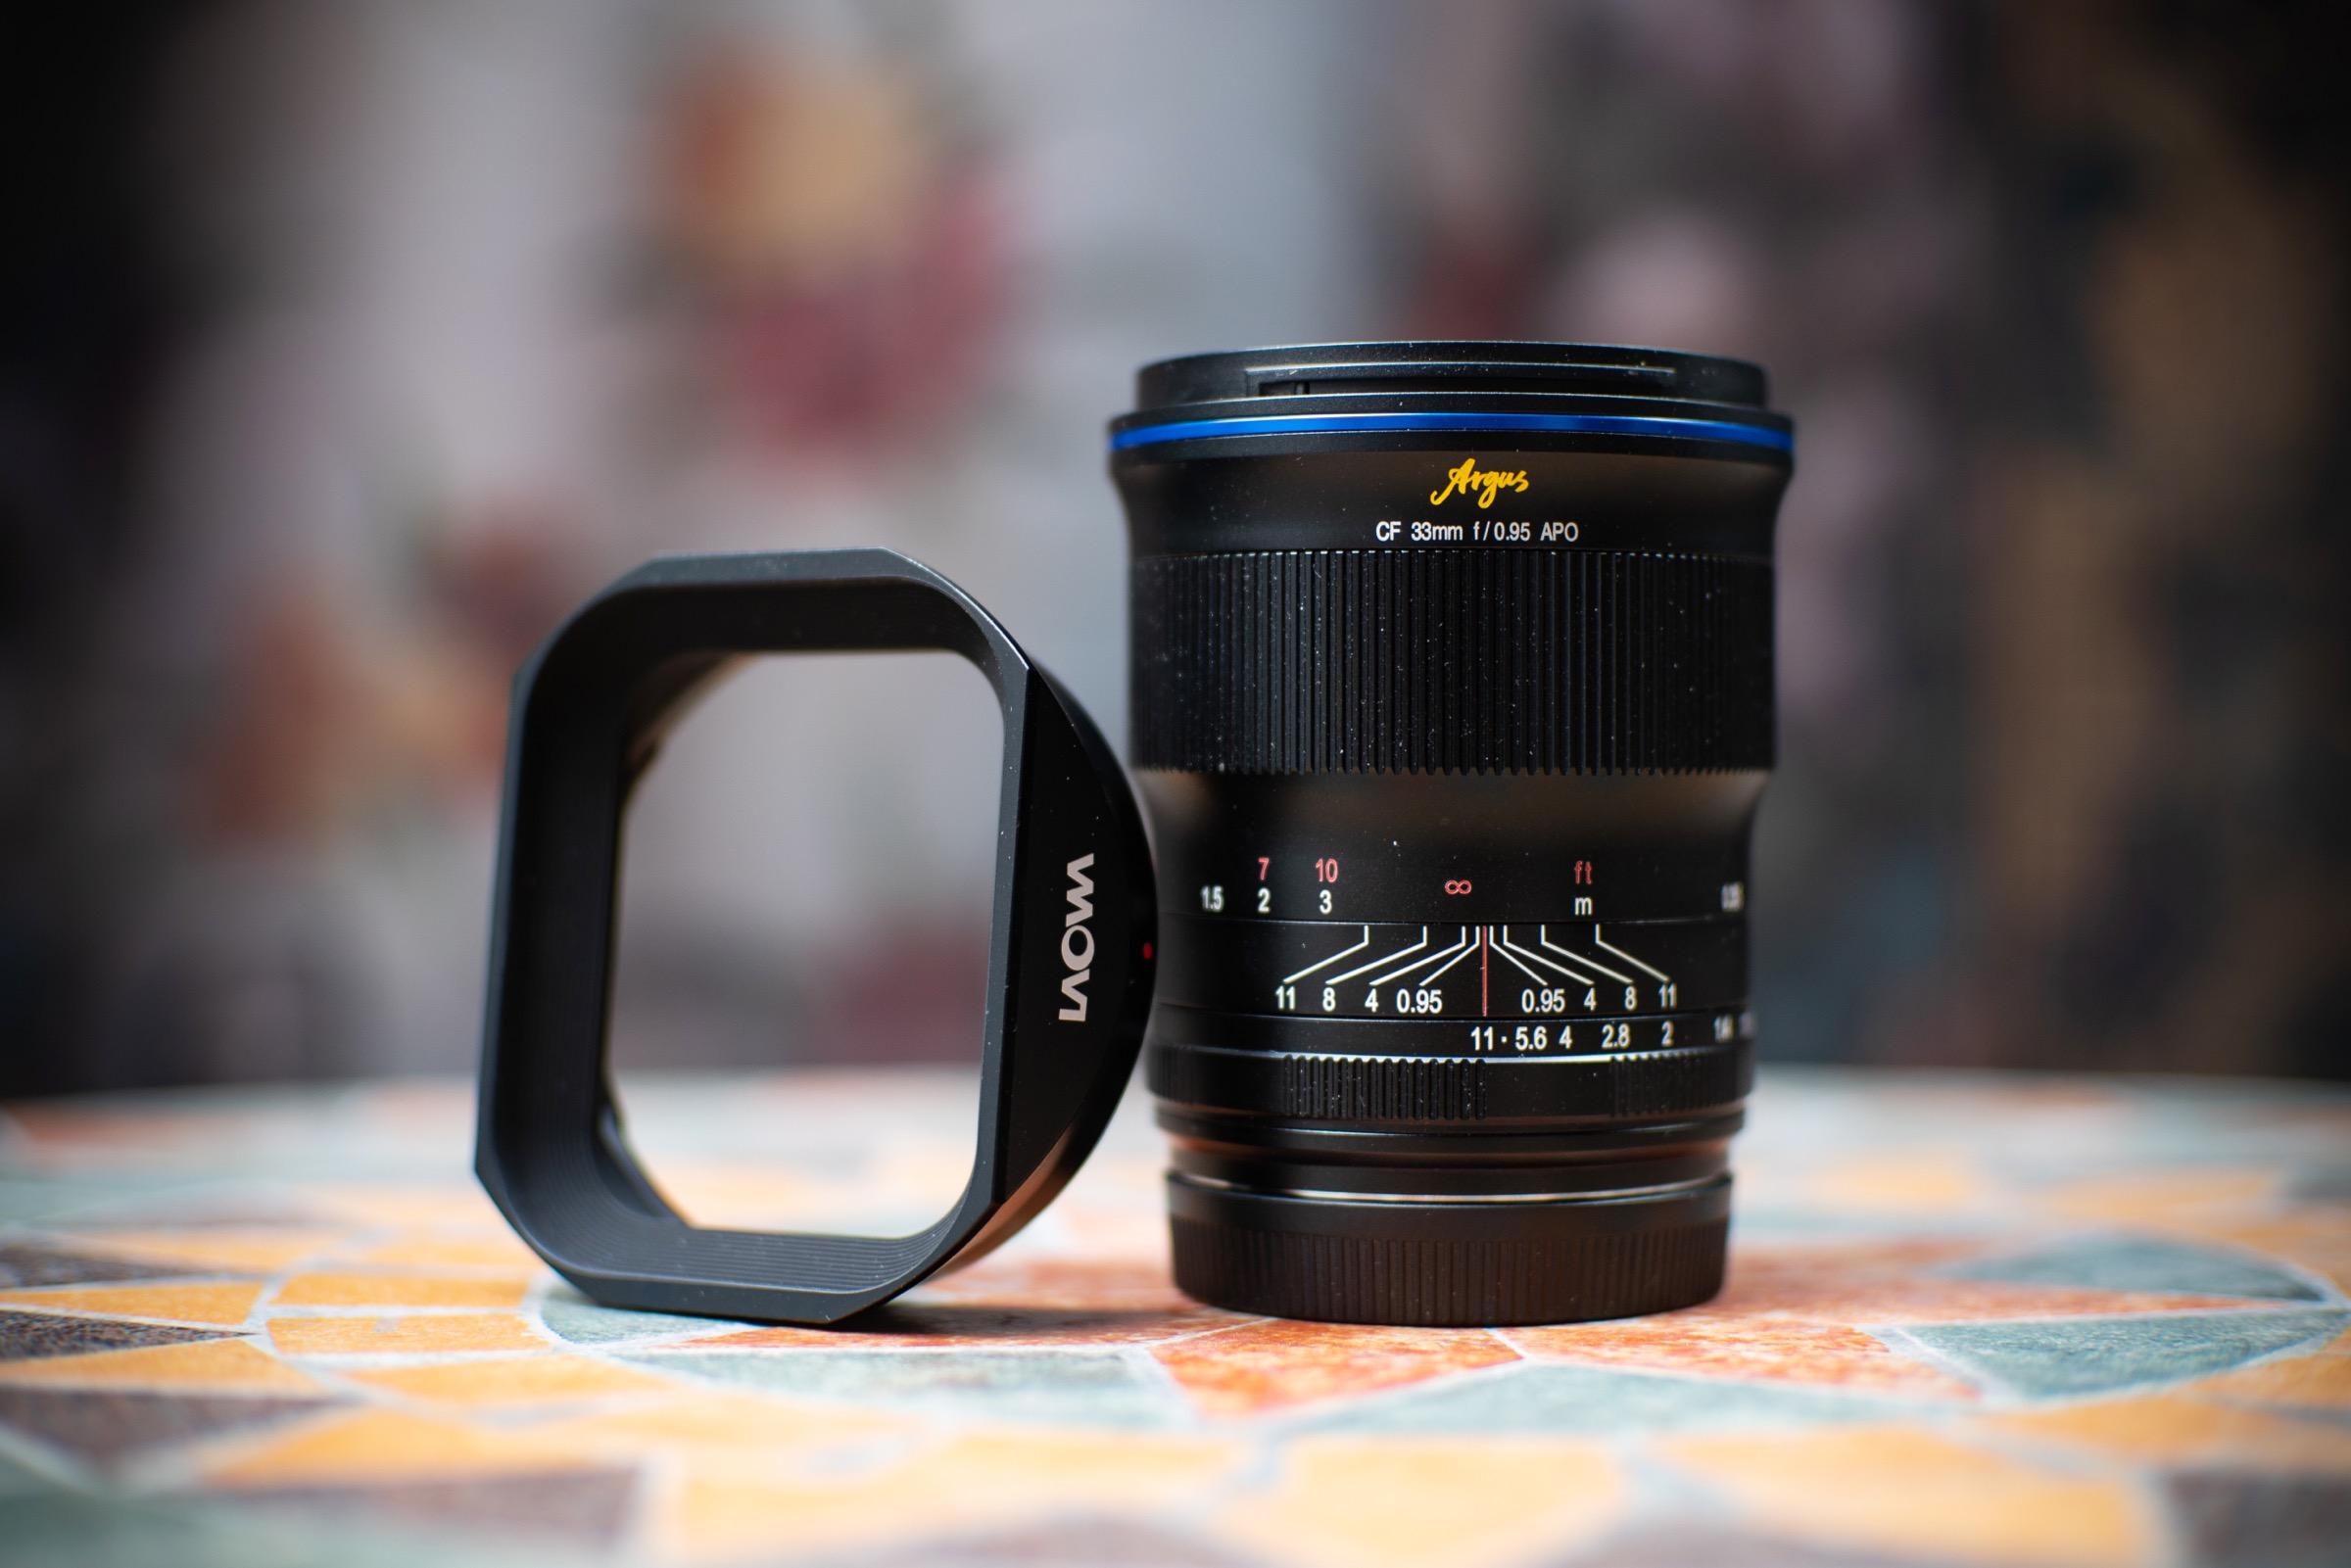 Venus Optics ra mắt ống kính khẩu độ siêu nhỏ Laowa 'Argus' 33mm F0.95 CF APO dành cho máy ảnh APS-C